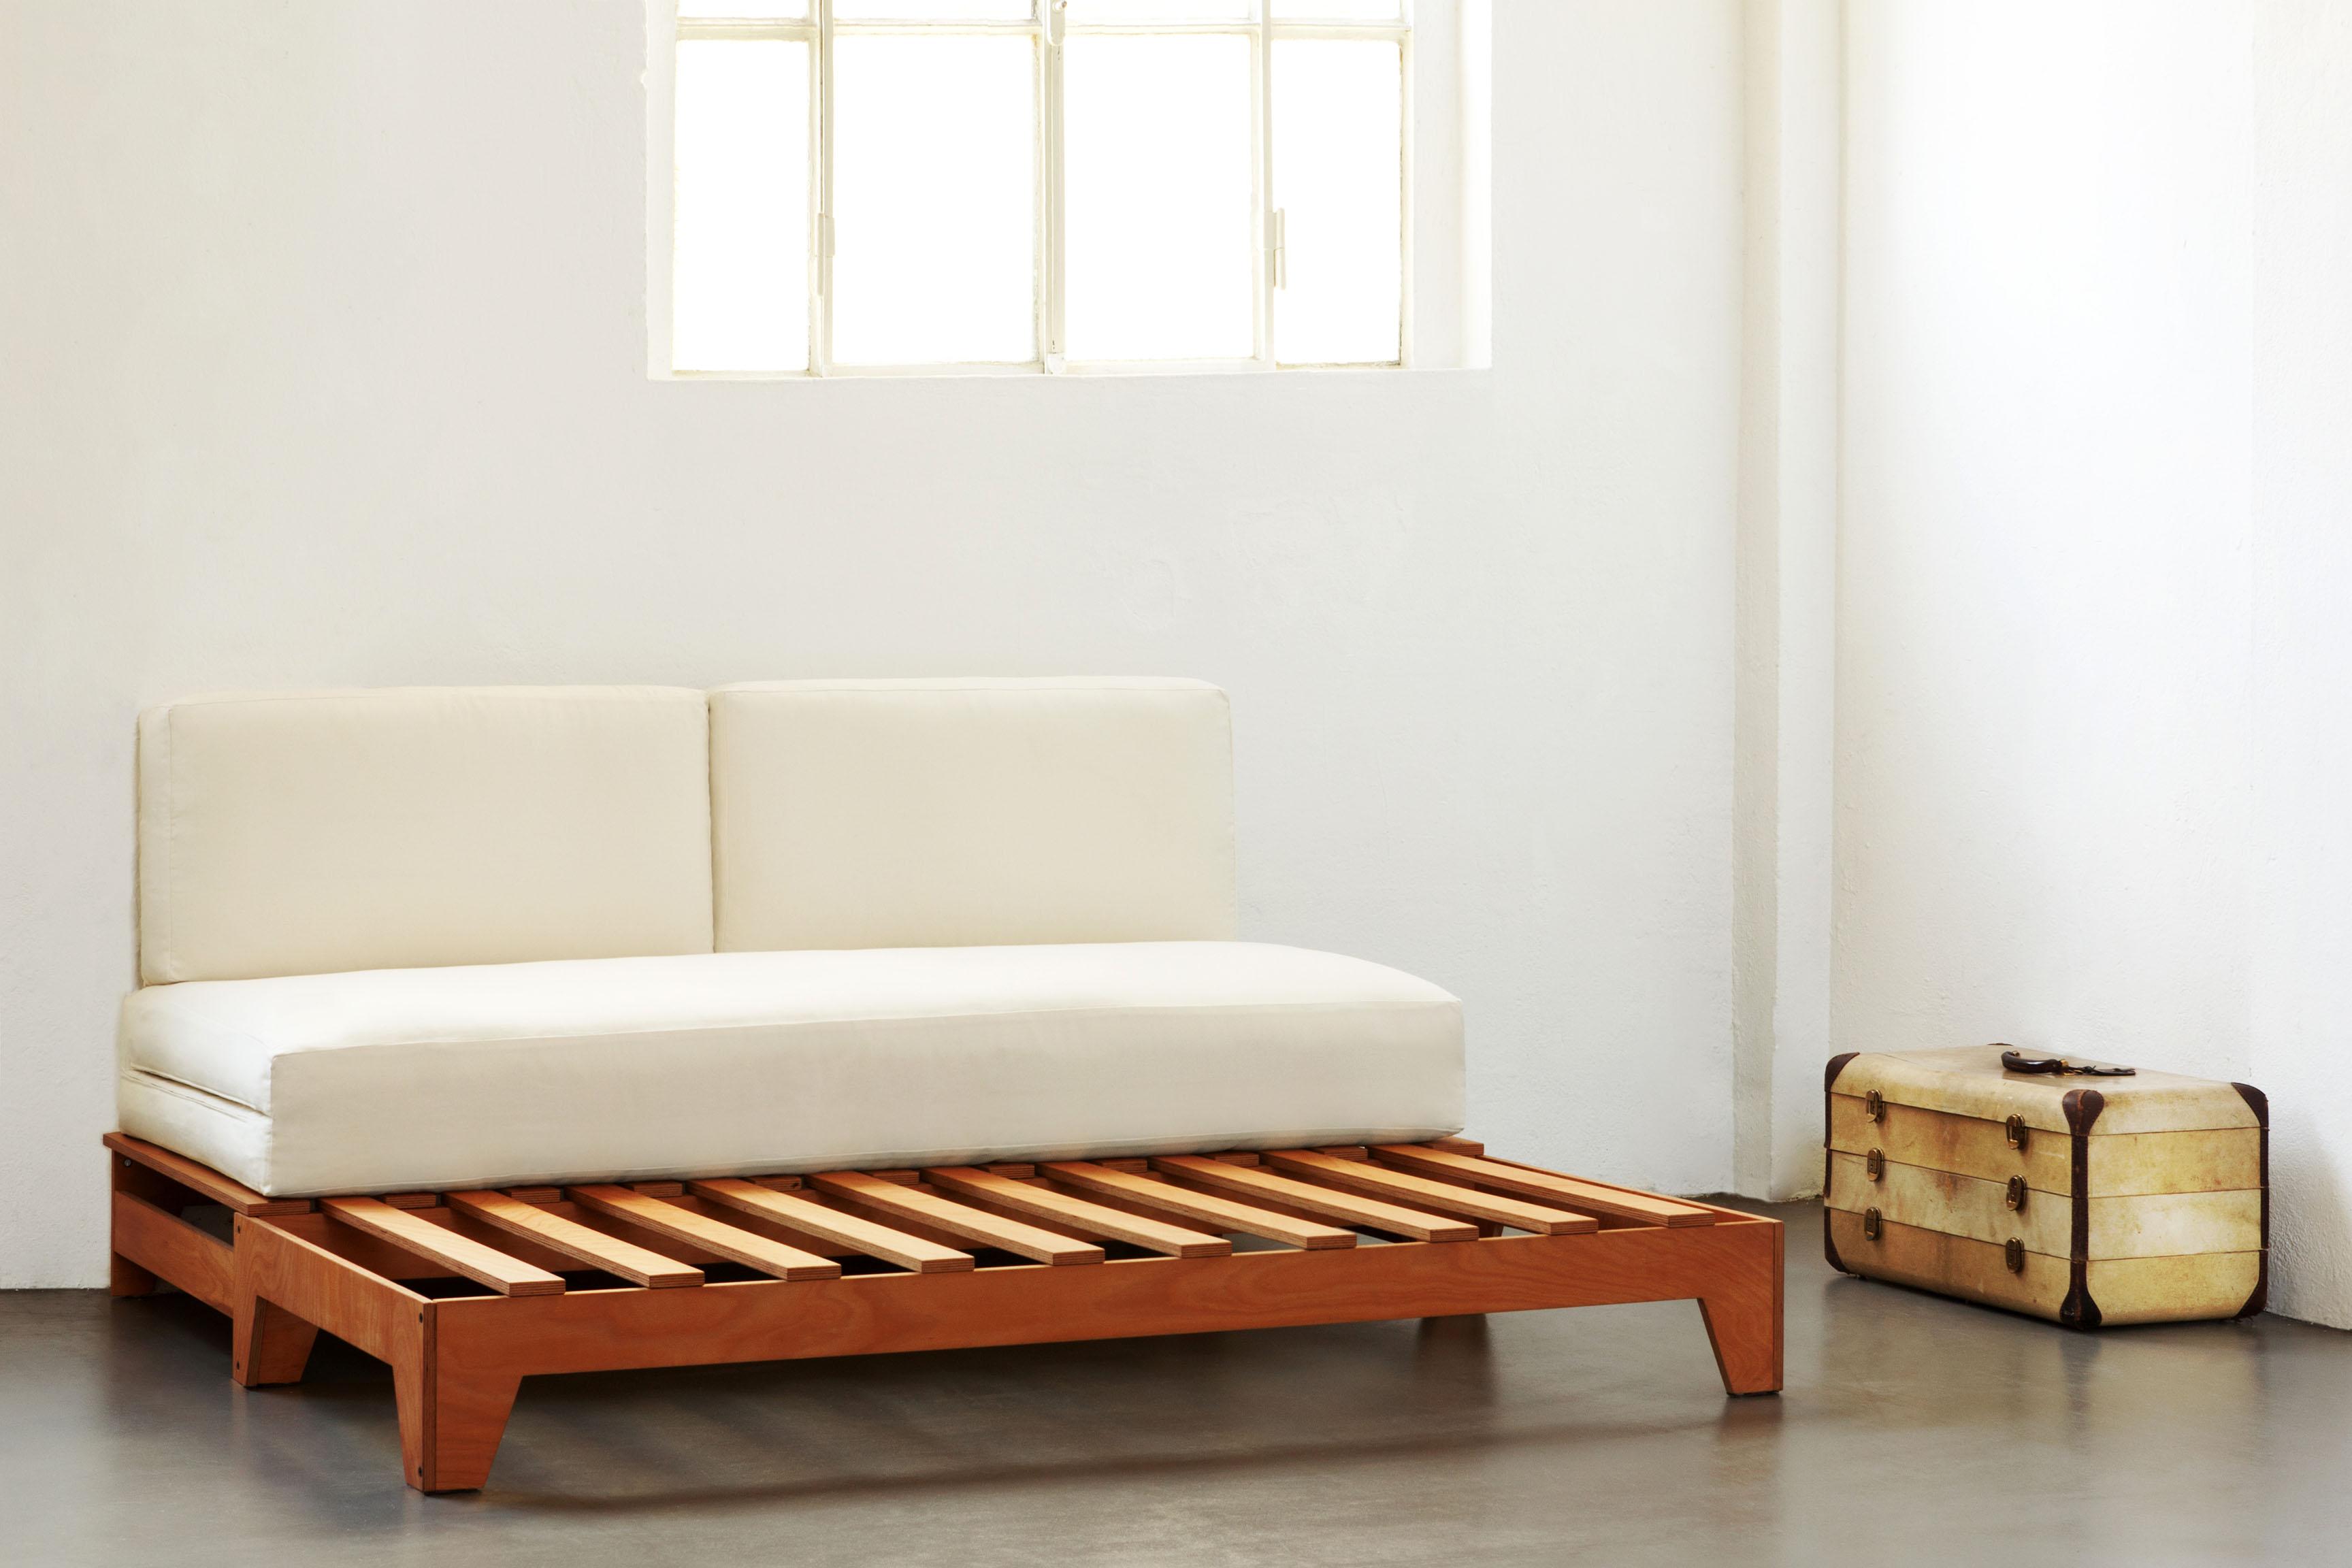 Divano felice 20 onfuton - Divano letto futon ...